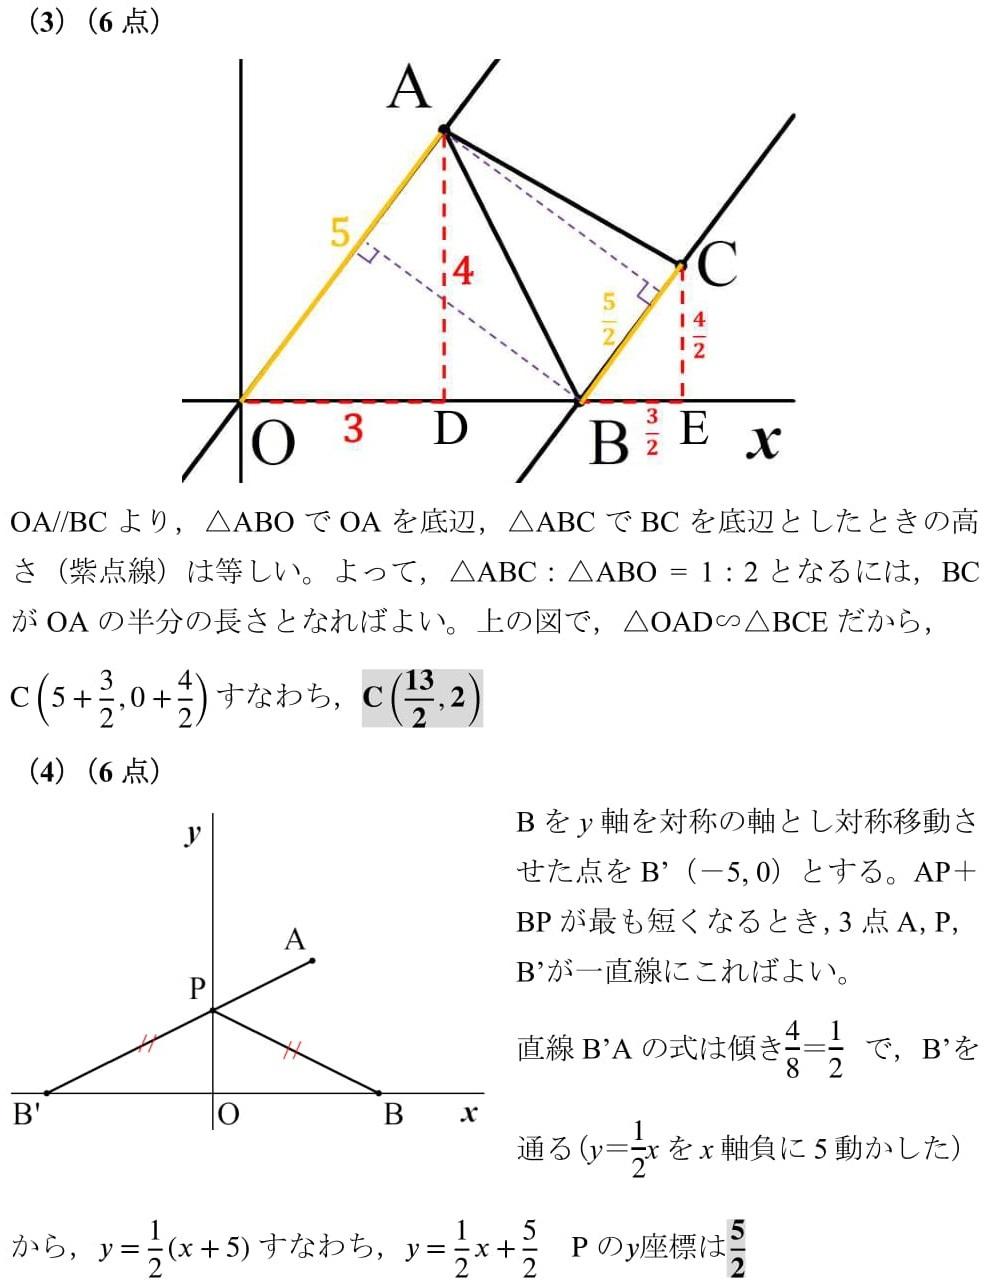 2021 宮城県 高校入試 過去問 数学 良問 難問 1次関数 平行移動